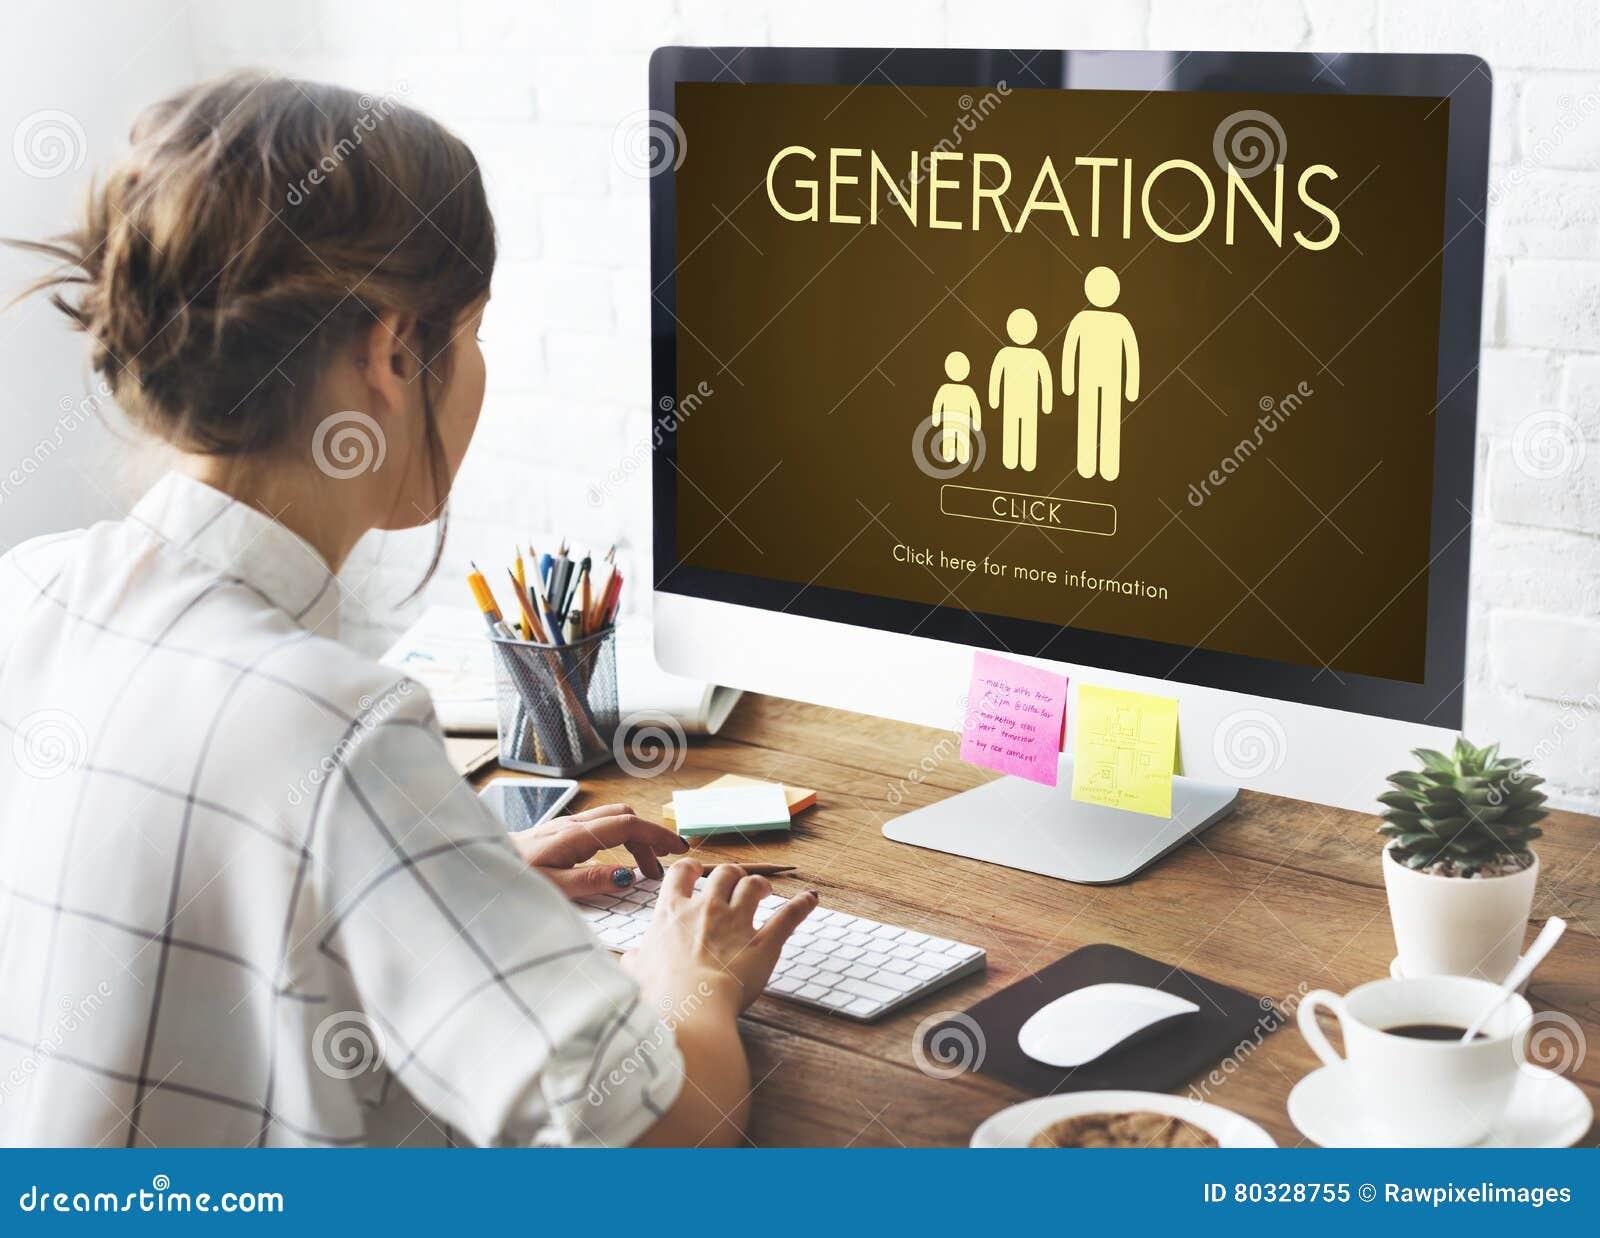 世代家庭统一性关系概念